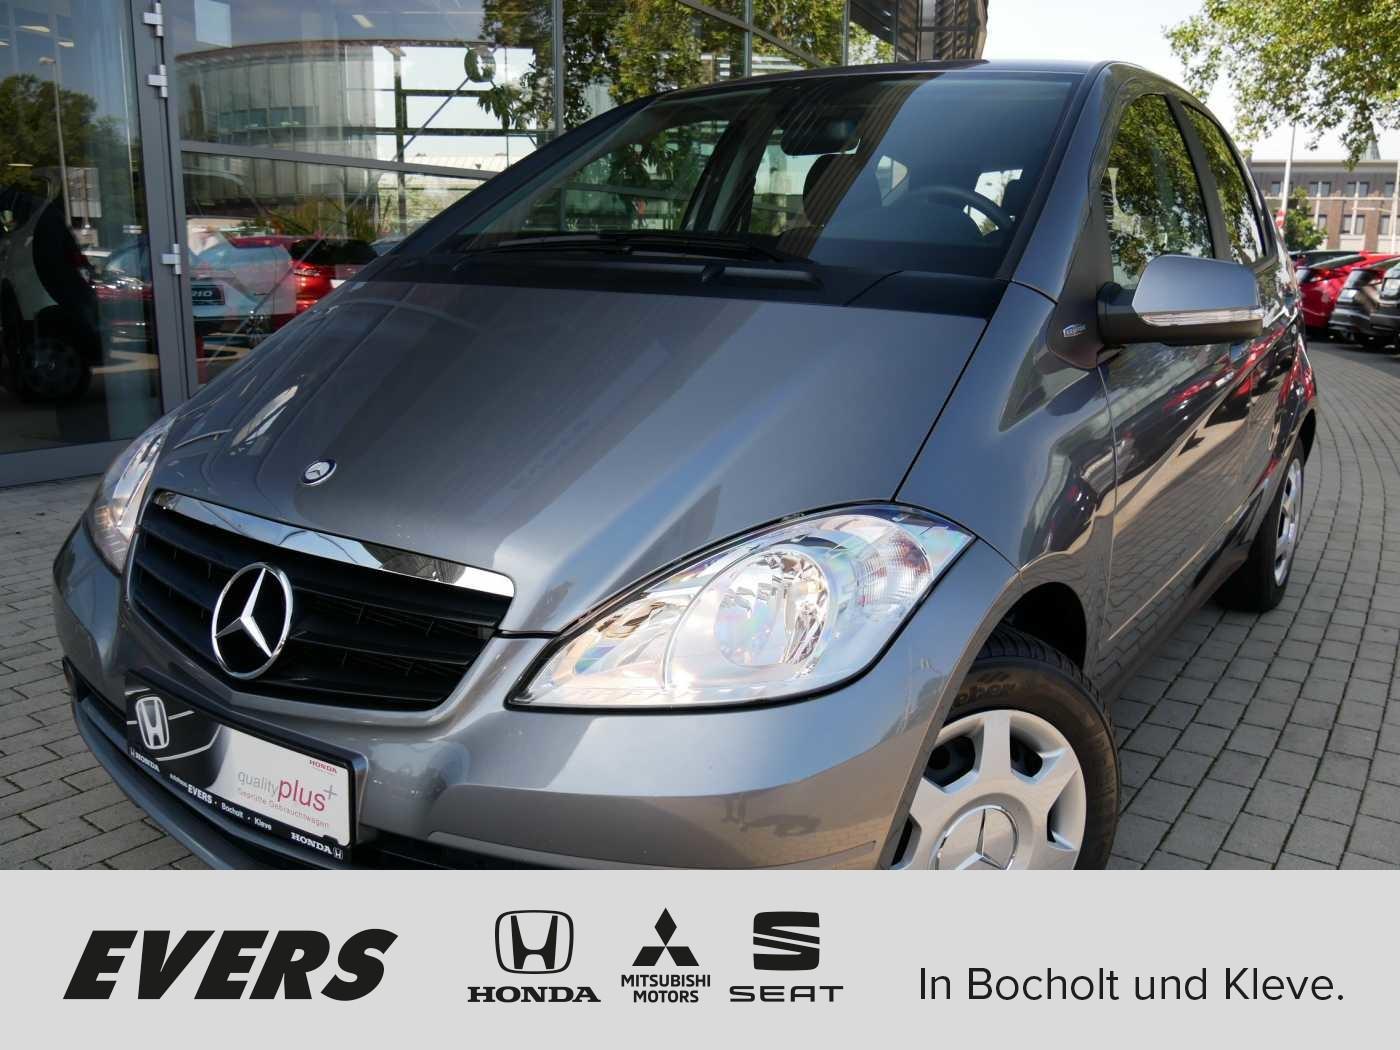 Mercedes-Benz A 160 NAVI+SHZ+REGENSENSOR+GARANTIE, Jahr 2012, petrol